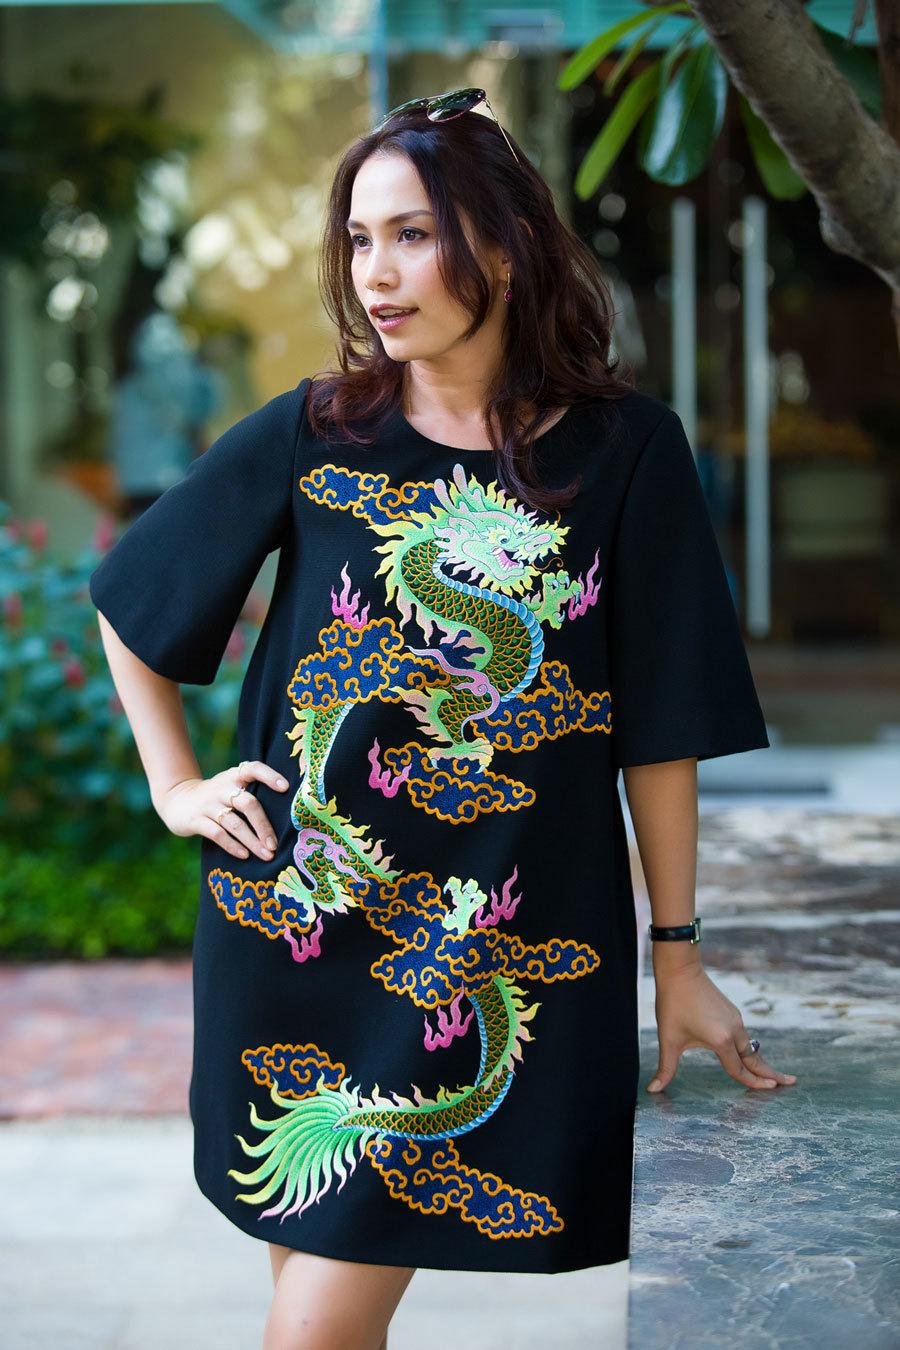 Hoa hậu Ngọc Khánh đẹp quý phái ở tuổi 42